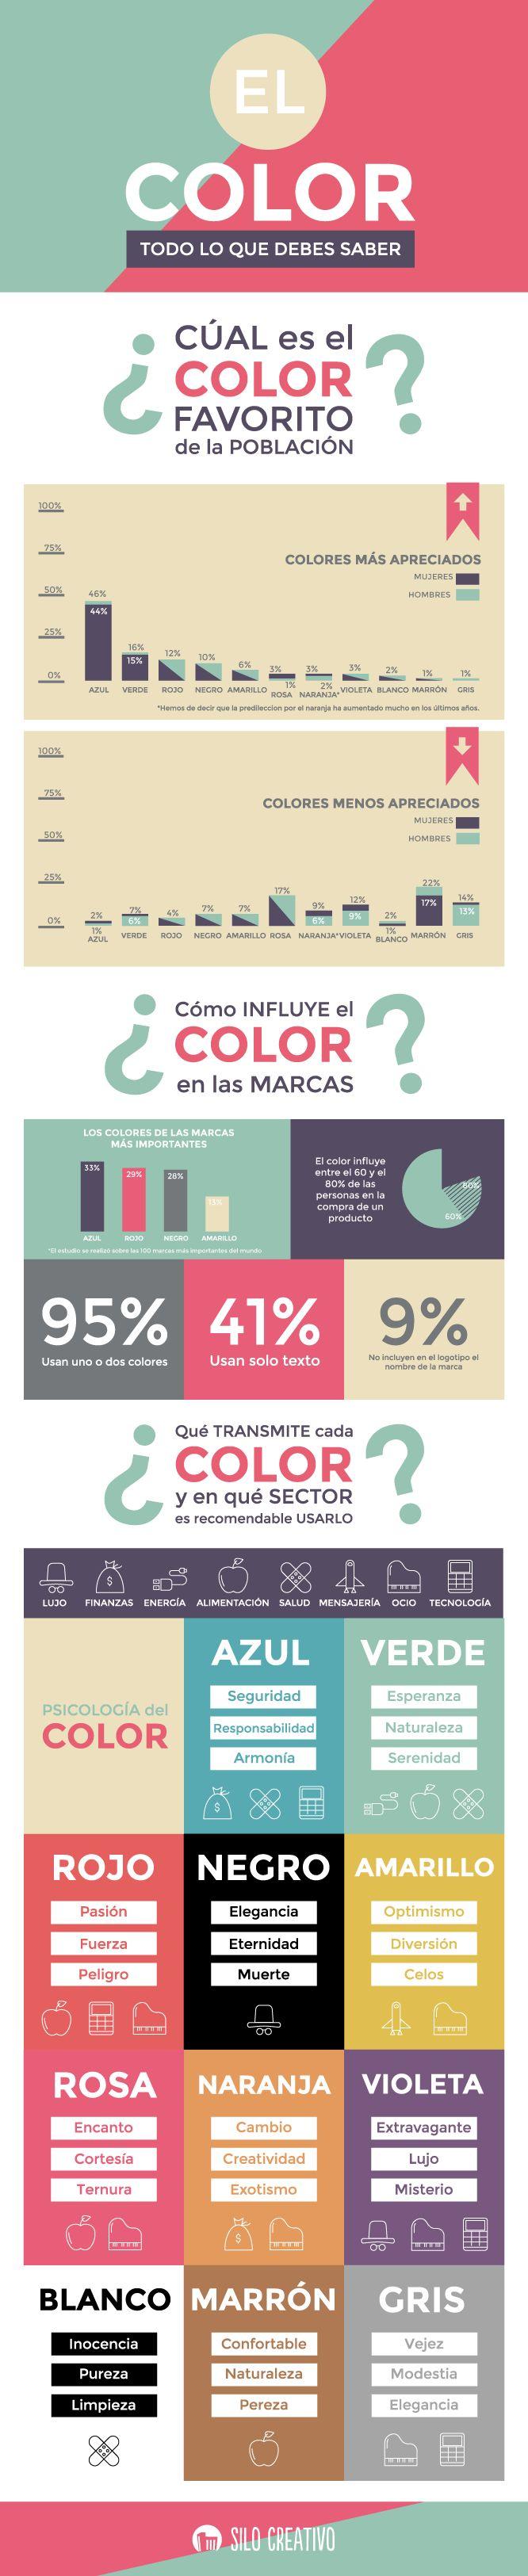 Lo más importante que hemos aprendido sobre el color, aquello que siempre hemos de recordar y que si tenemos claro, no habrá logotipo, marca o diseño que se nos resista.